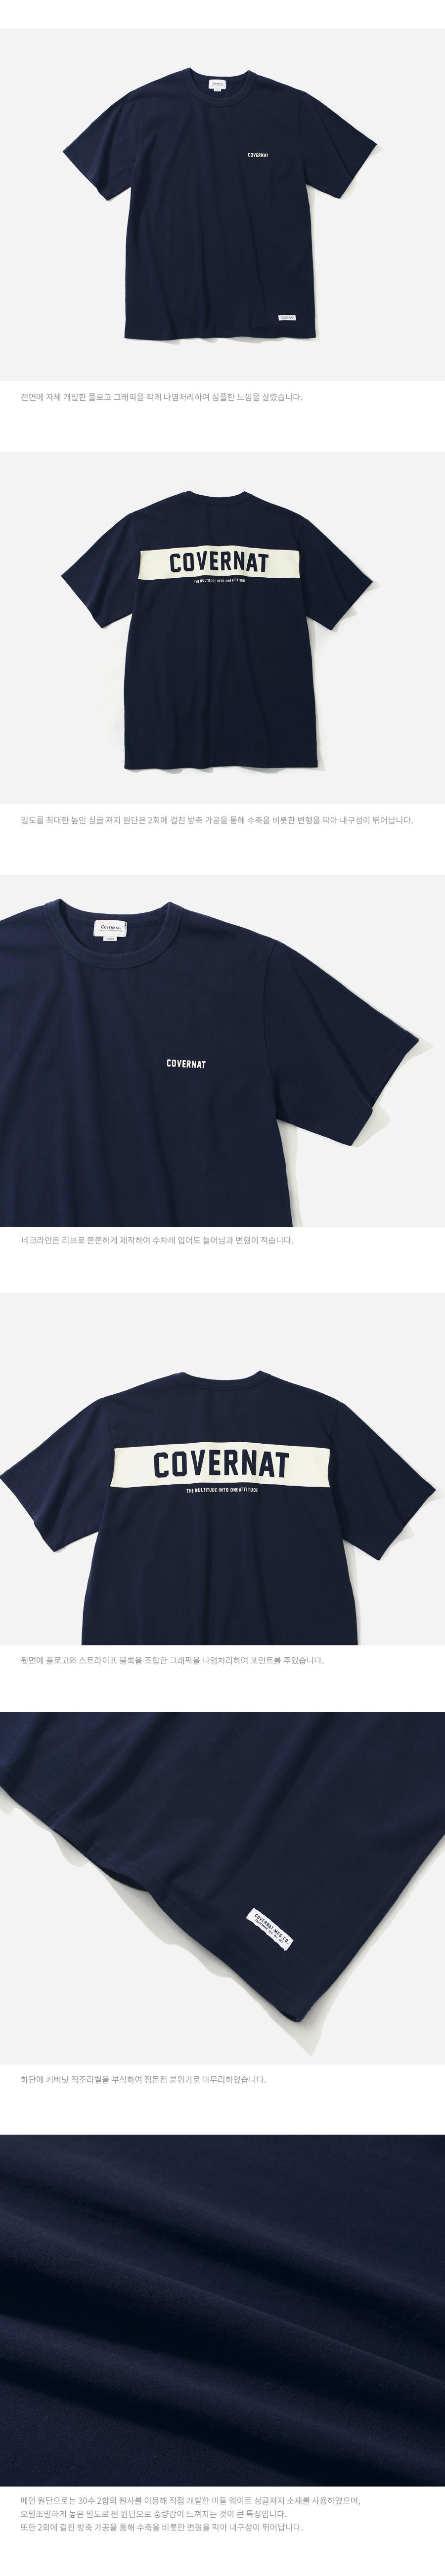 커버낫(COVERNAT) S/S TEAM T-SHIRTS NAVY